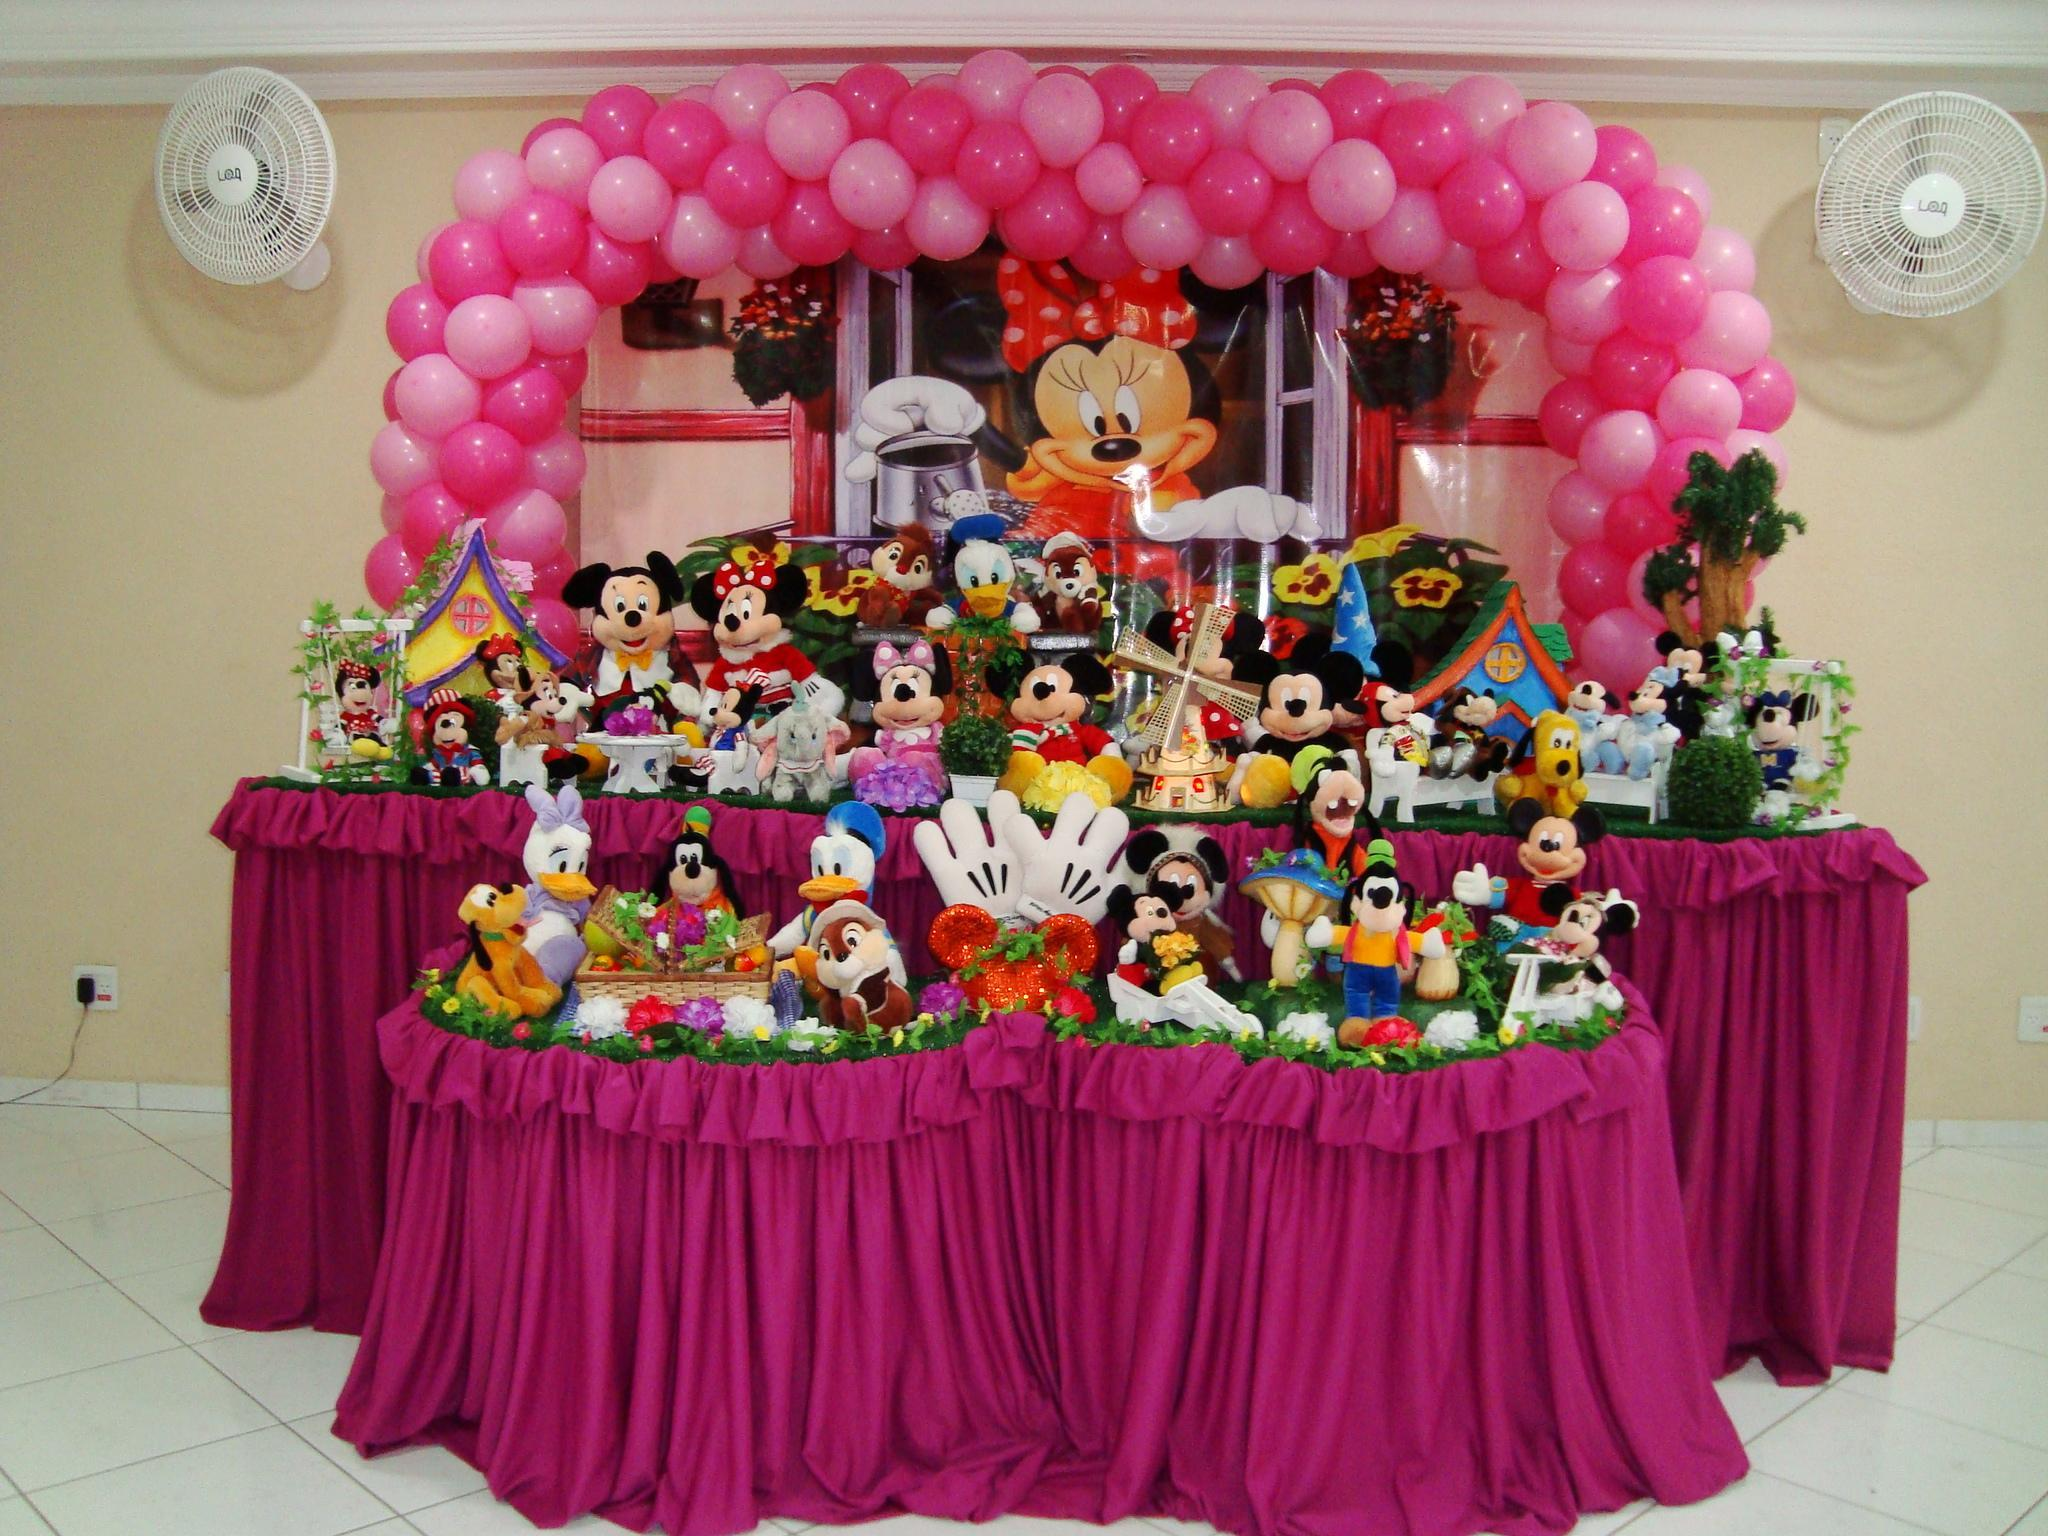 Decoração Minnie 3 metros  Rede Festas Decorações  Elo7